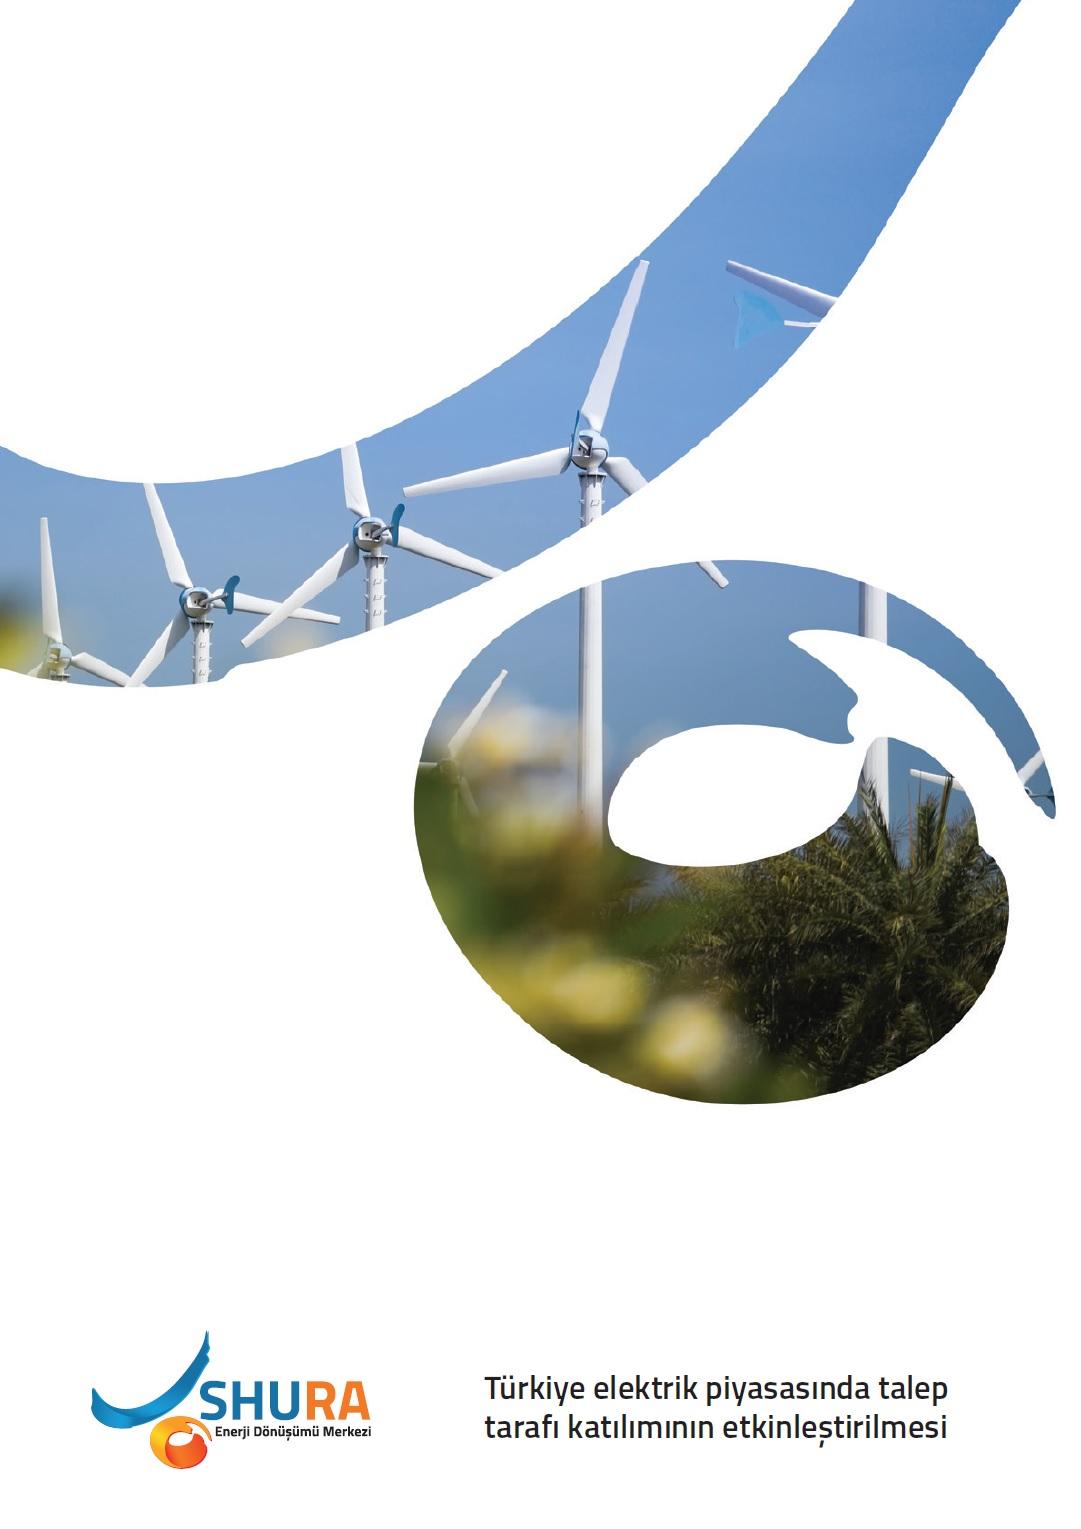 Türkiye Elektrik Piyasasında Talep Tarafı Katılımının Etkinleştirilmesi